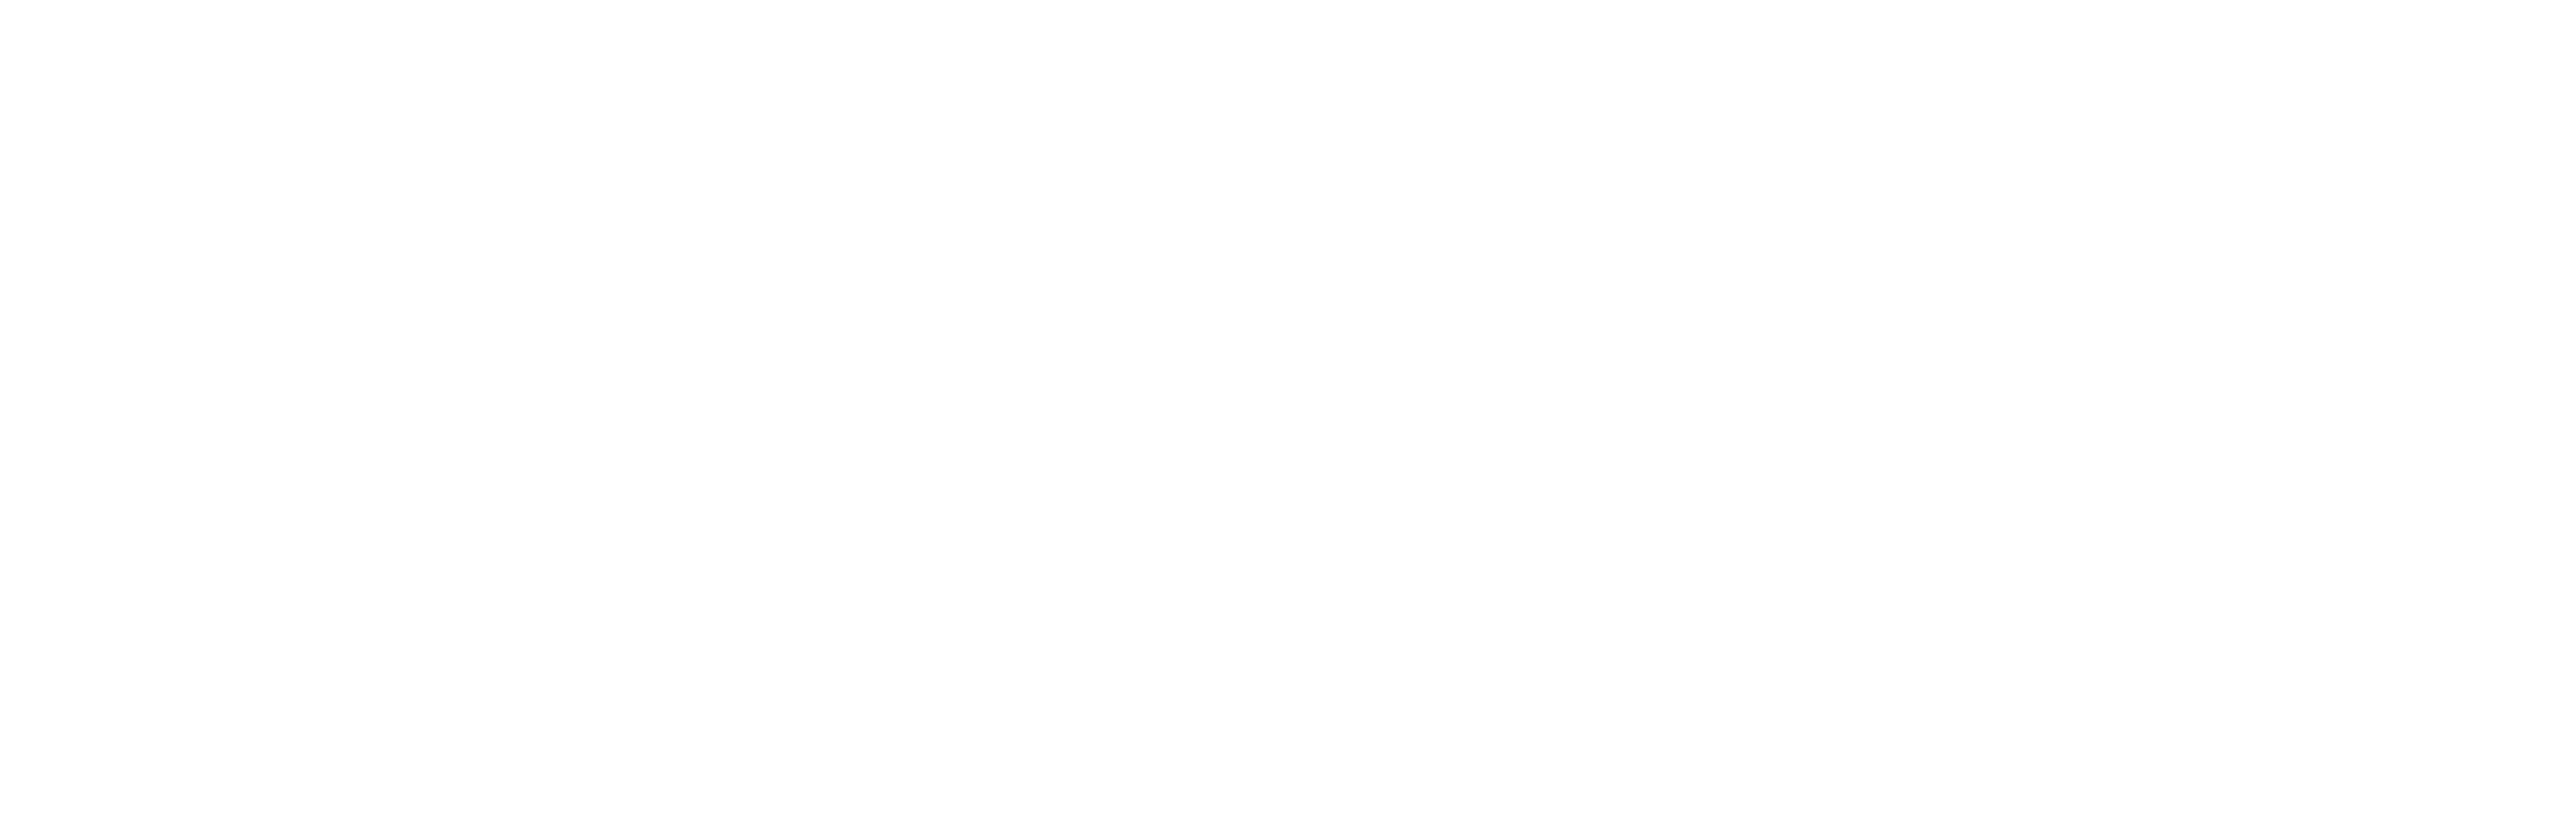 Acolweb Software para gestão de condomínios